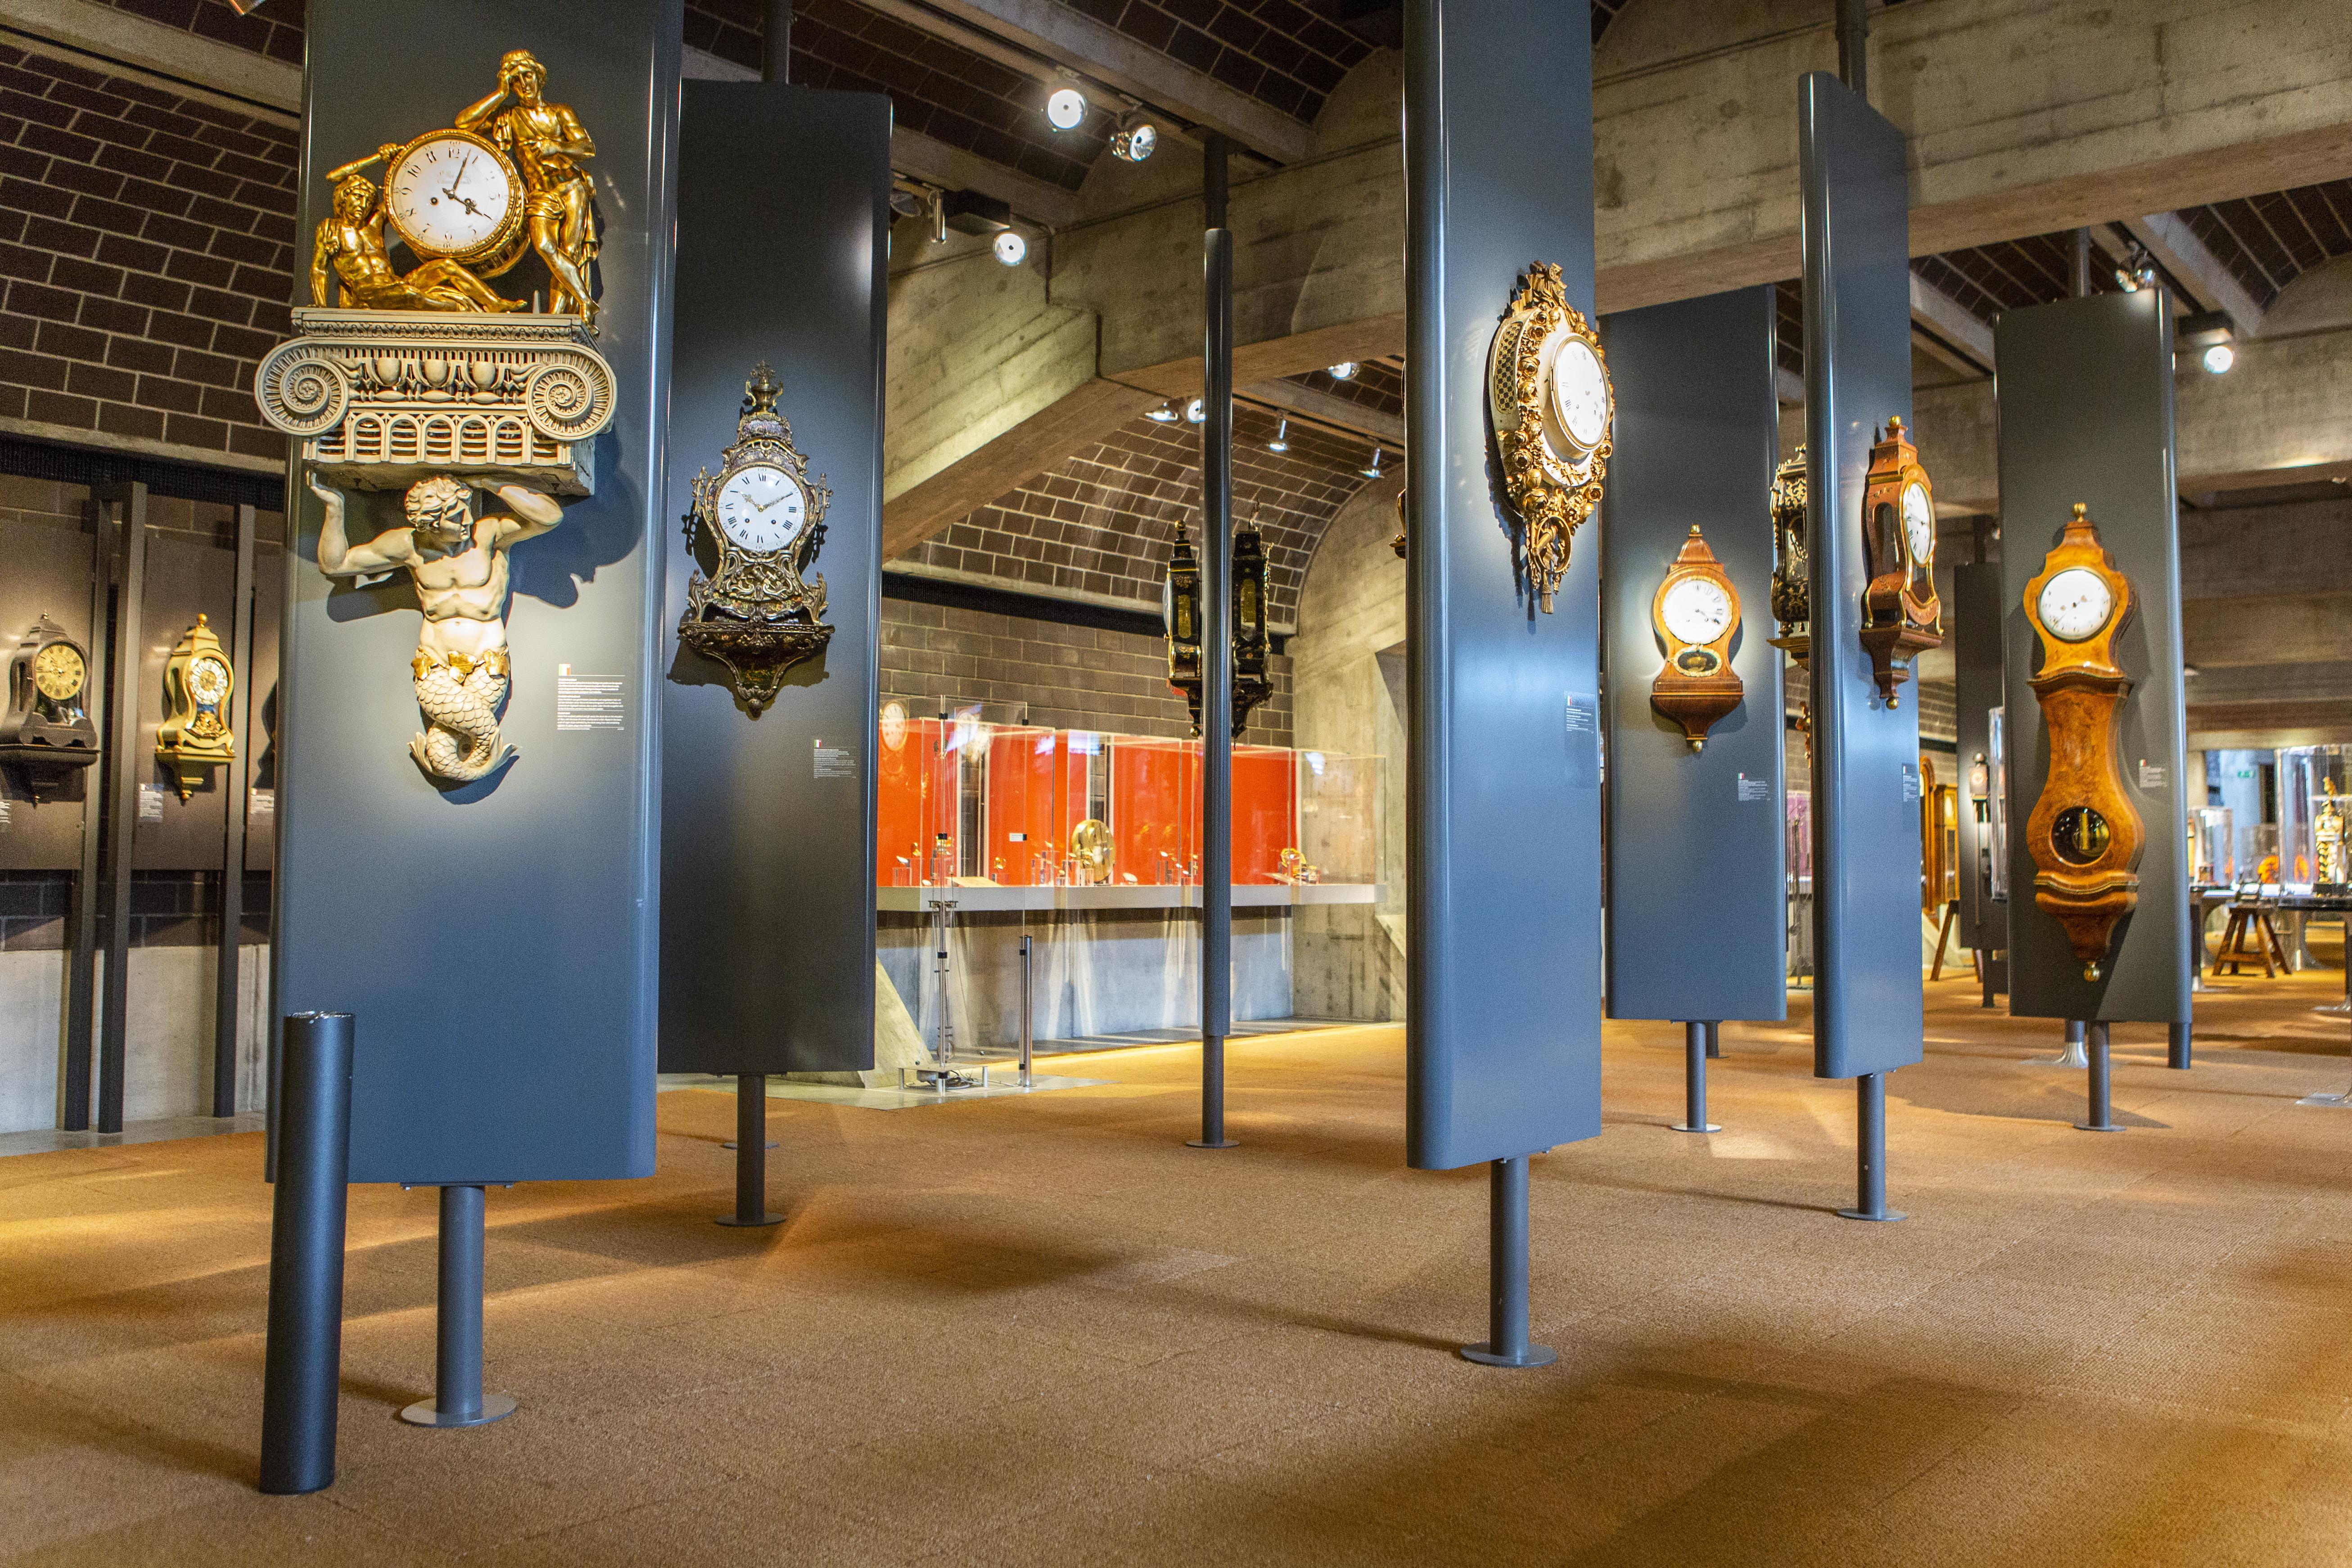 Ouverture d'un nouvel espace au sein de l'exposition permanente du Musée international d'horlogerie, en juin 2018.